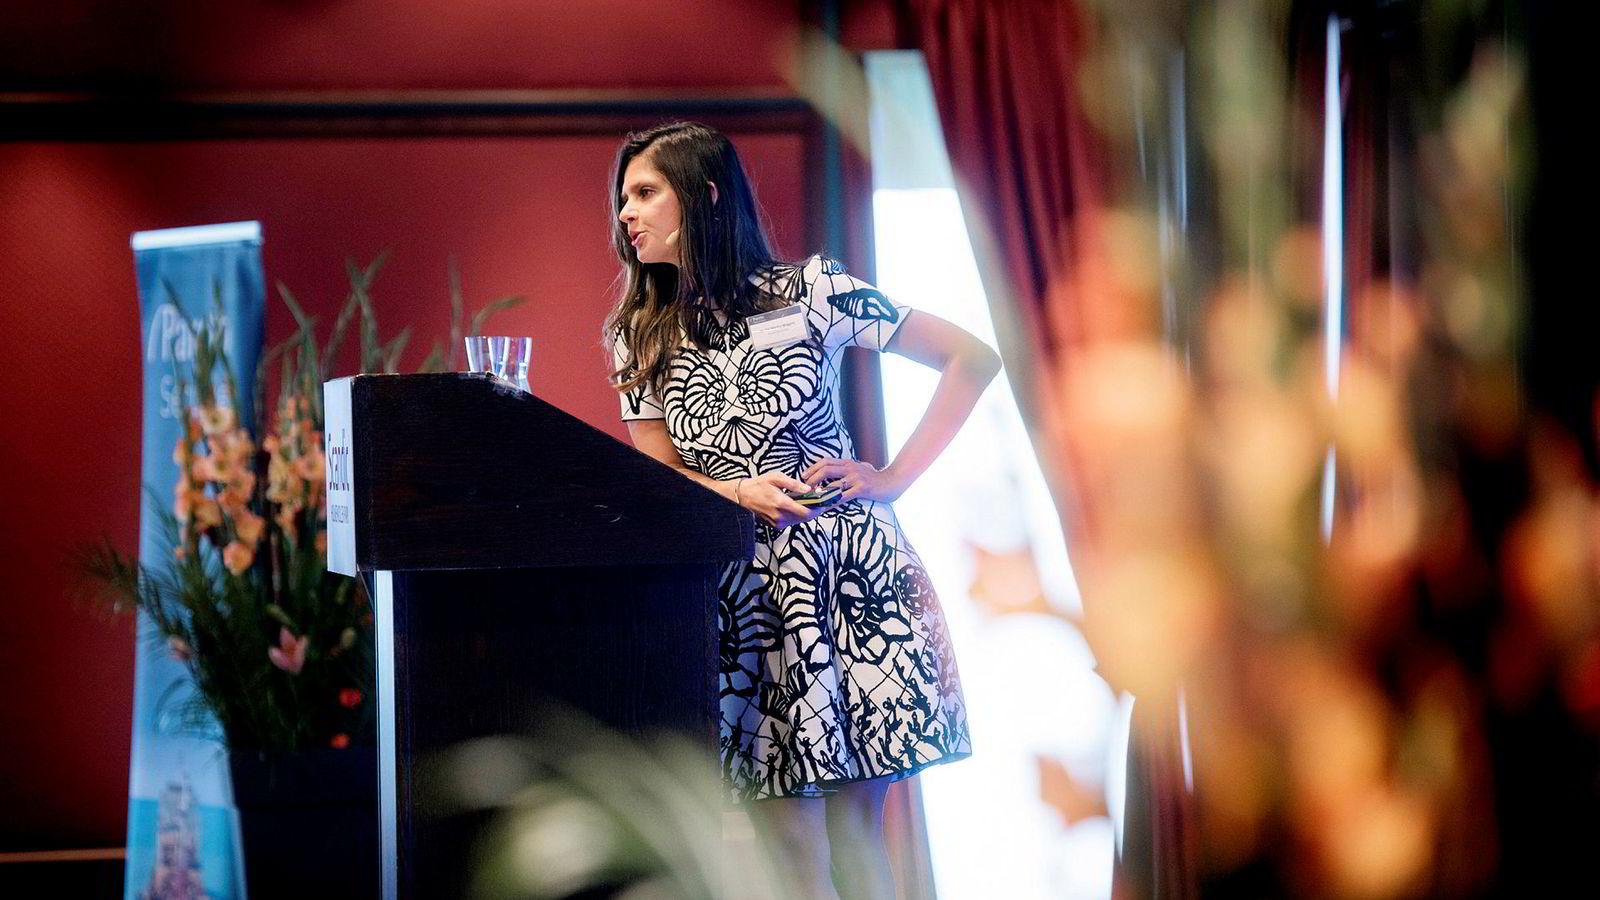 Oljeanalytiker Nadia Martin Wiggen sto på scenen på Pareto-konferansen onsdag morgen og beskrev hvilke kraftige endringer markedet er inne i.